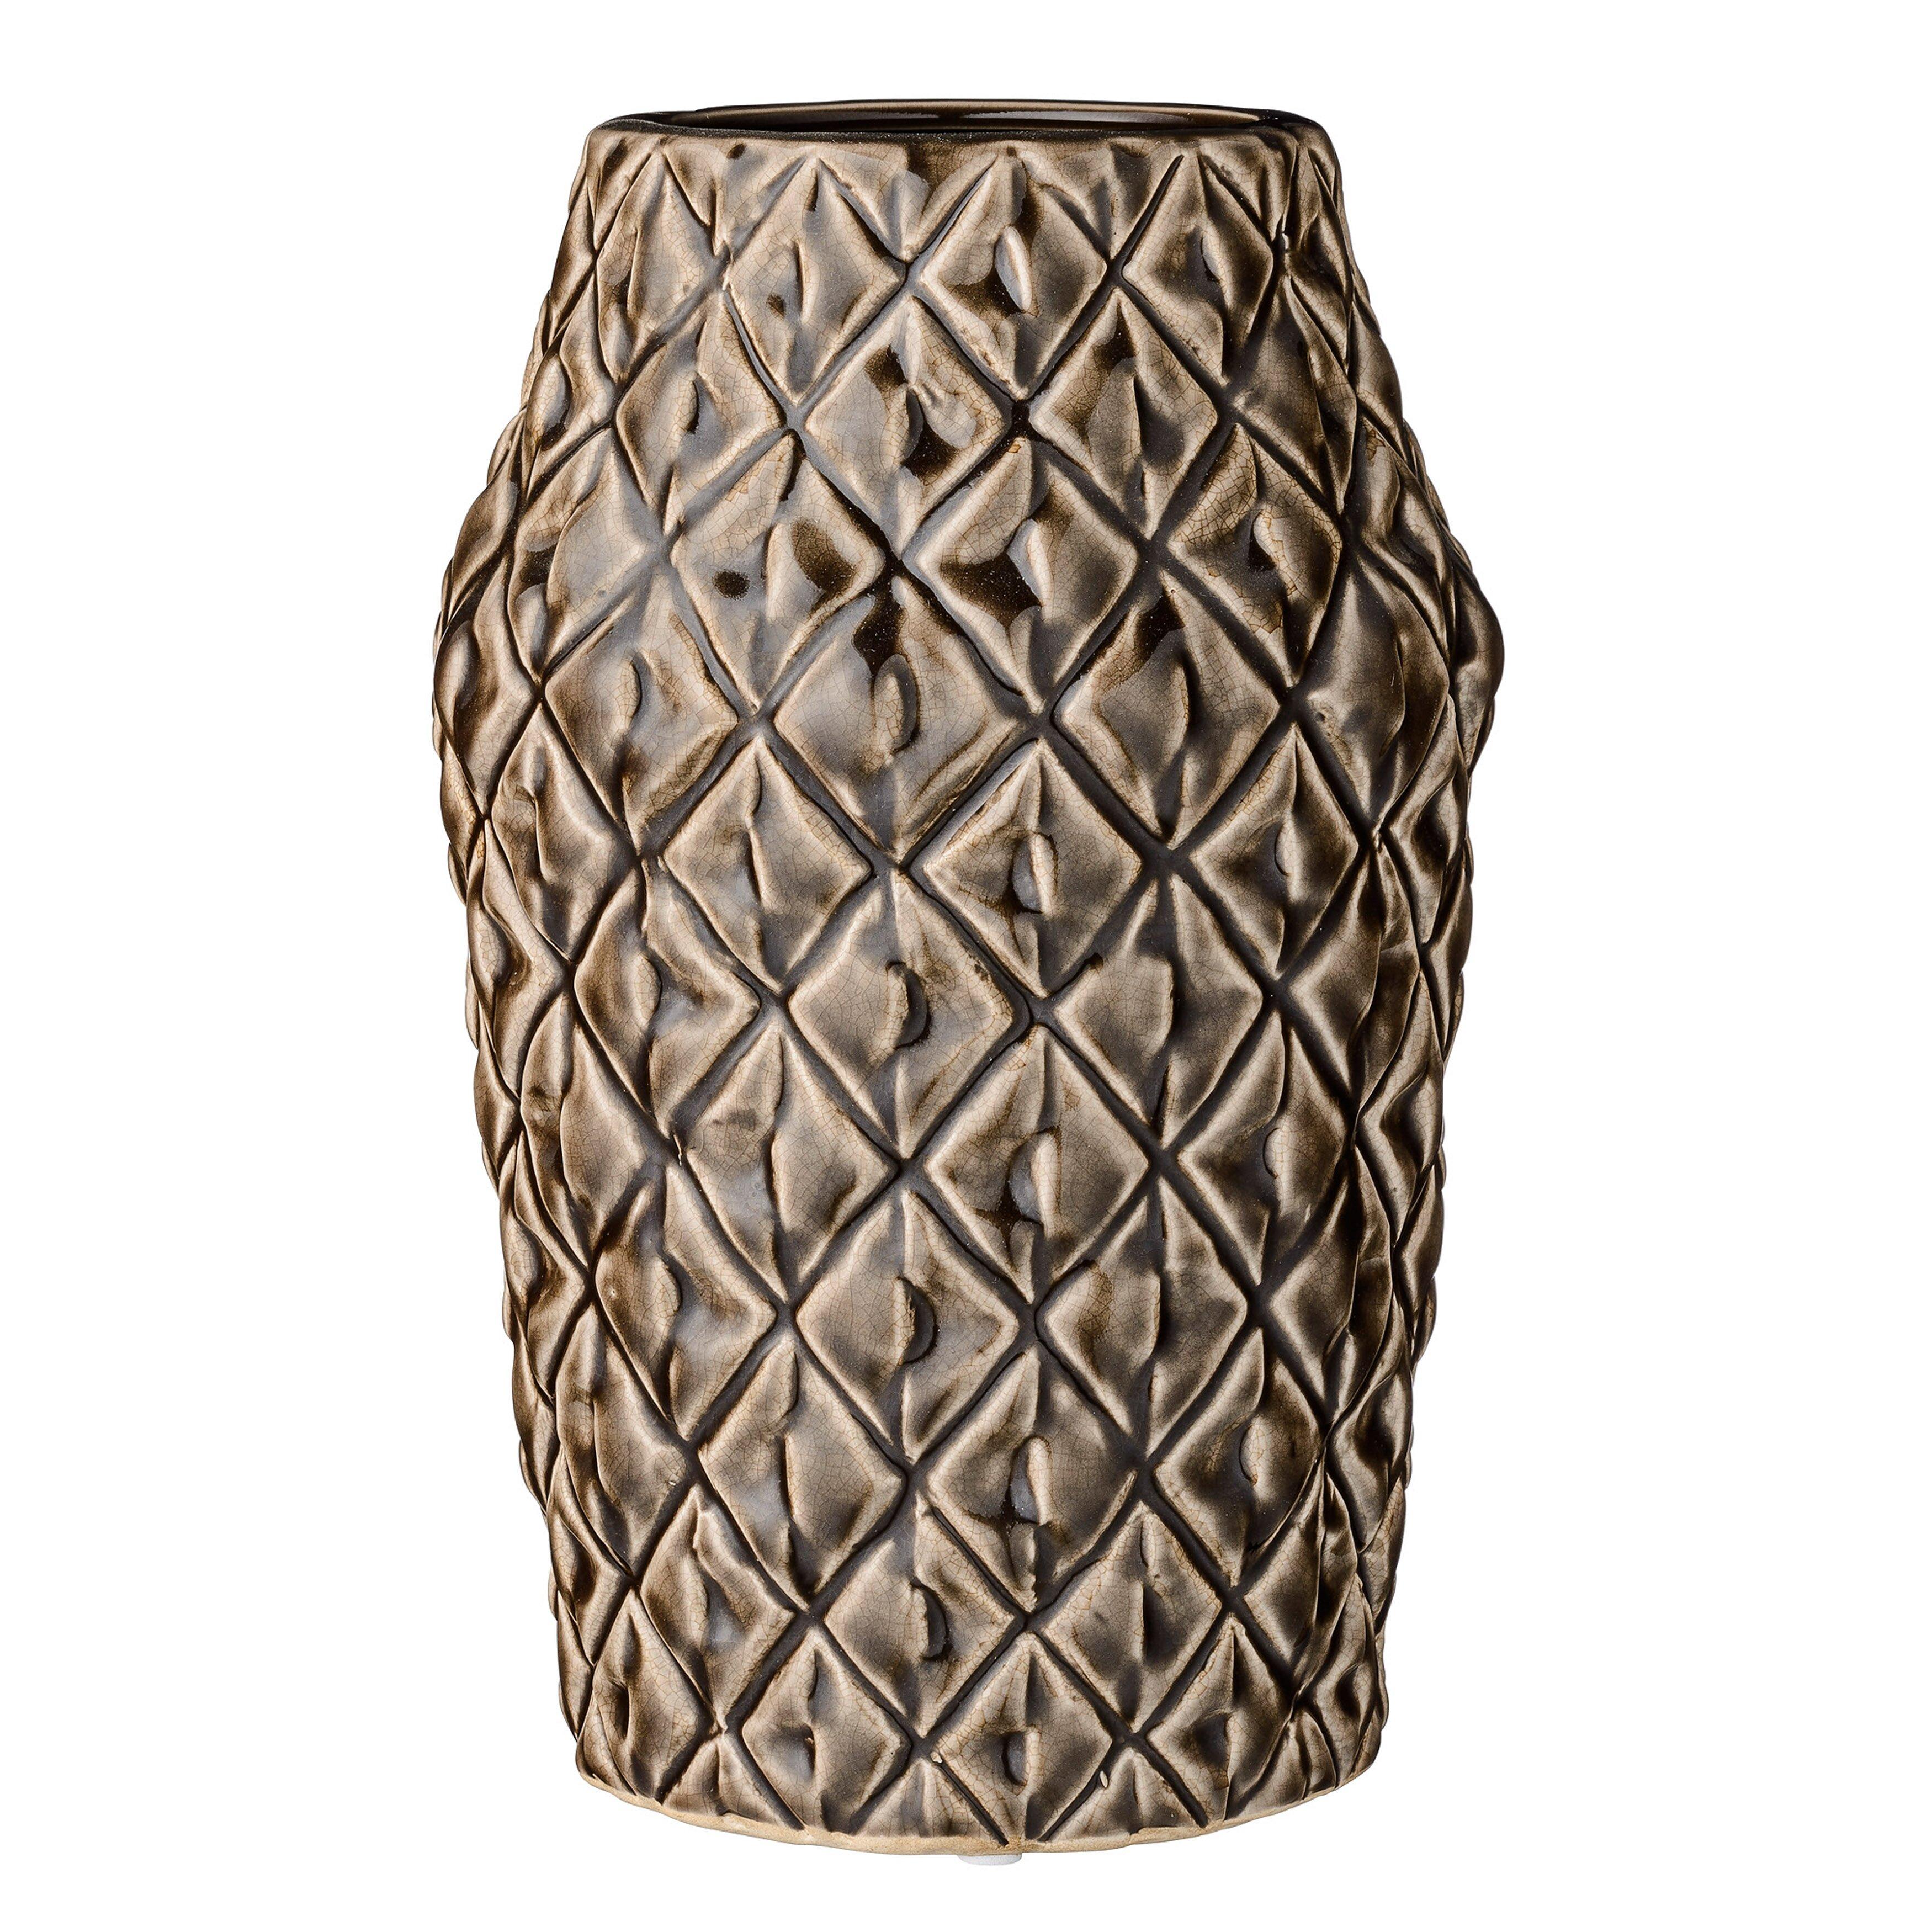 bloomingville ceramic vase reviews. Black Bedroom Furniture Sets. Home Design Ideas